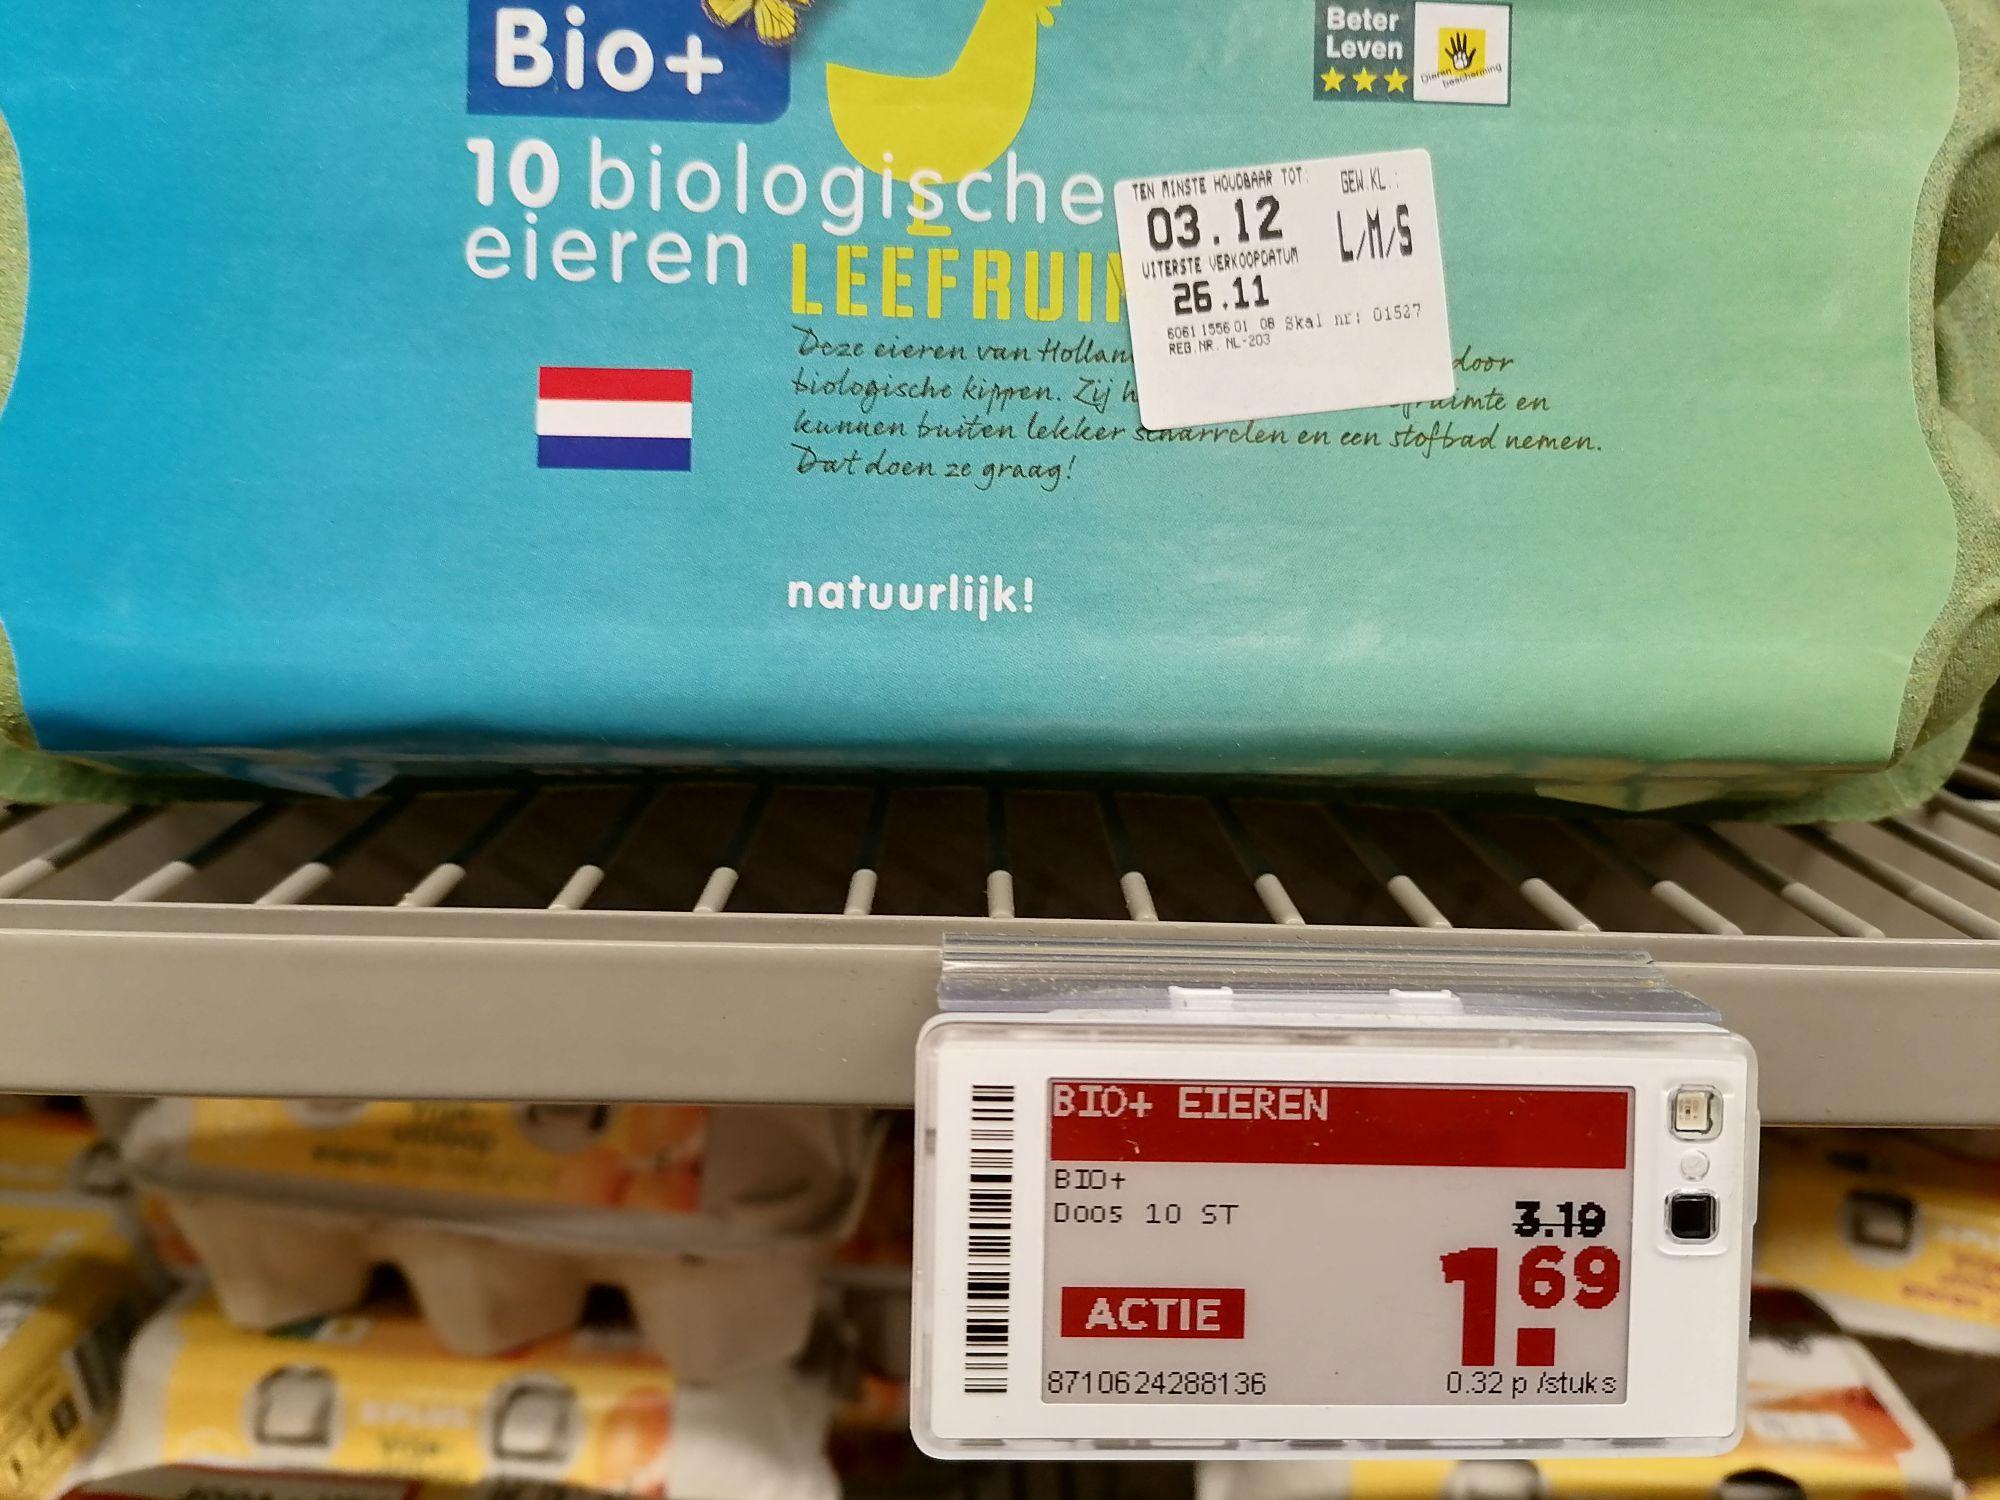 10 Bio+ eieren (S/M/L) voor €1,69 @ Plus (extra aanbieding)